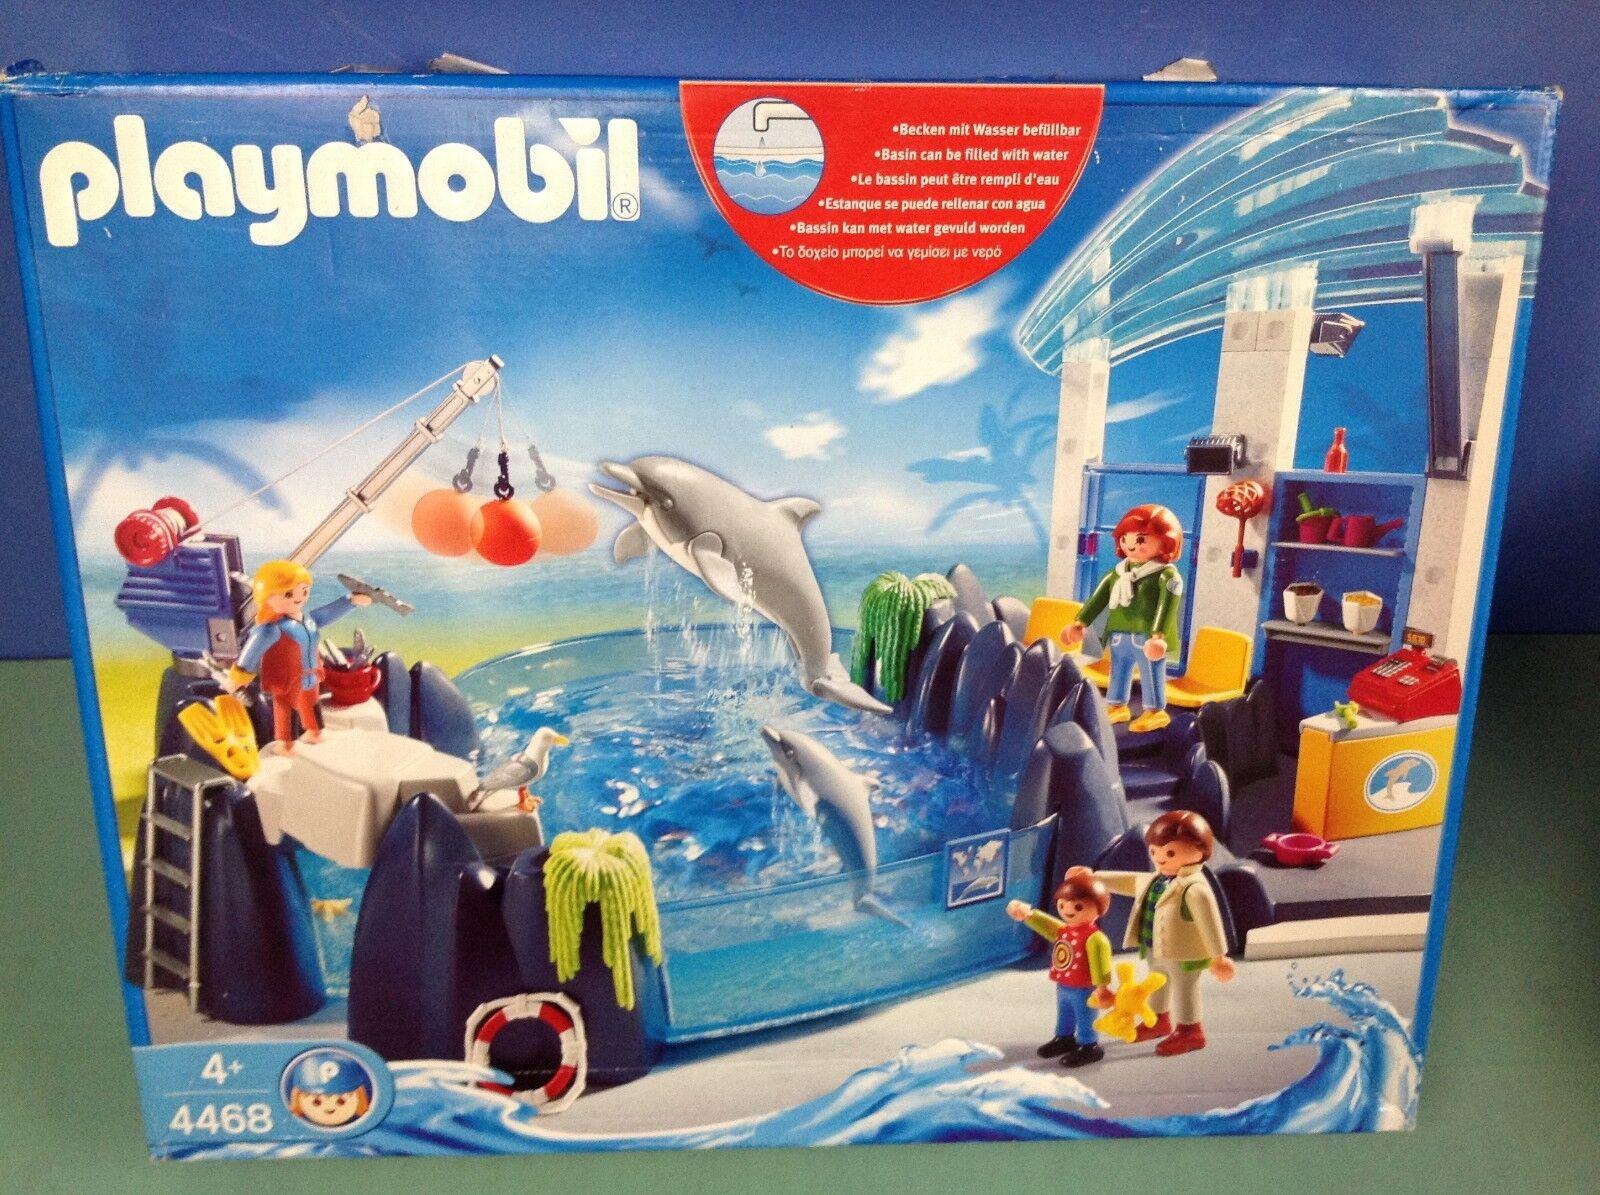 (P4468) playmobil Bassin des des des dauphins ref 4468 complet en boite zoo 3240 4462 882529